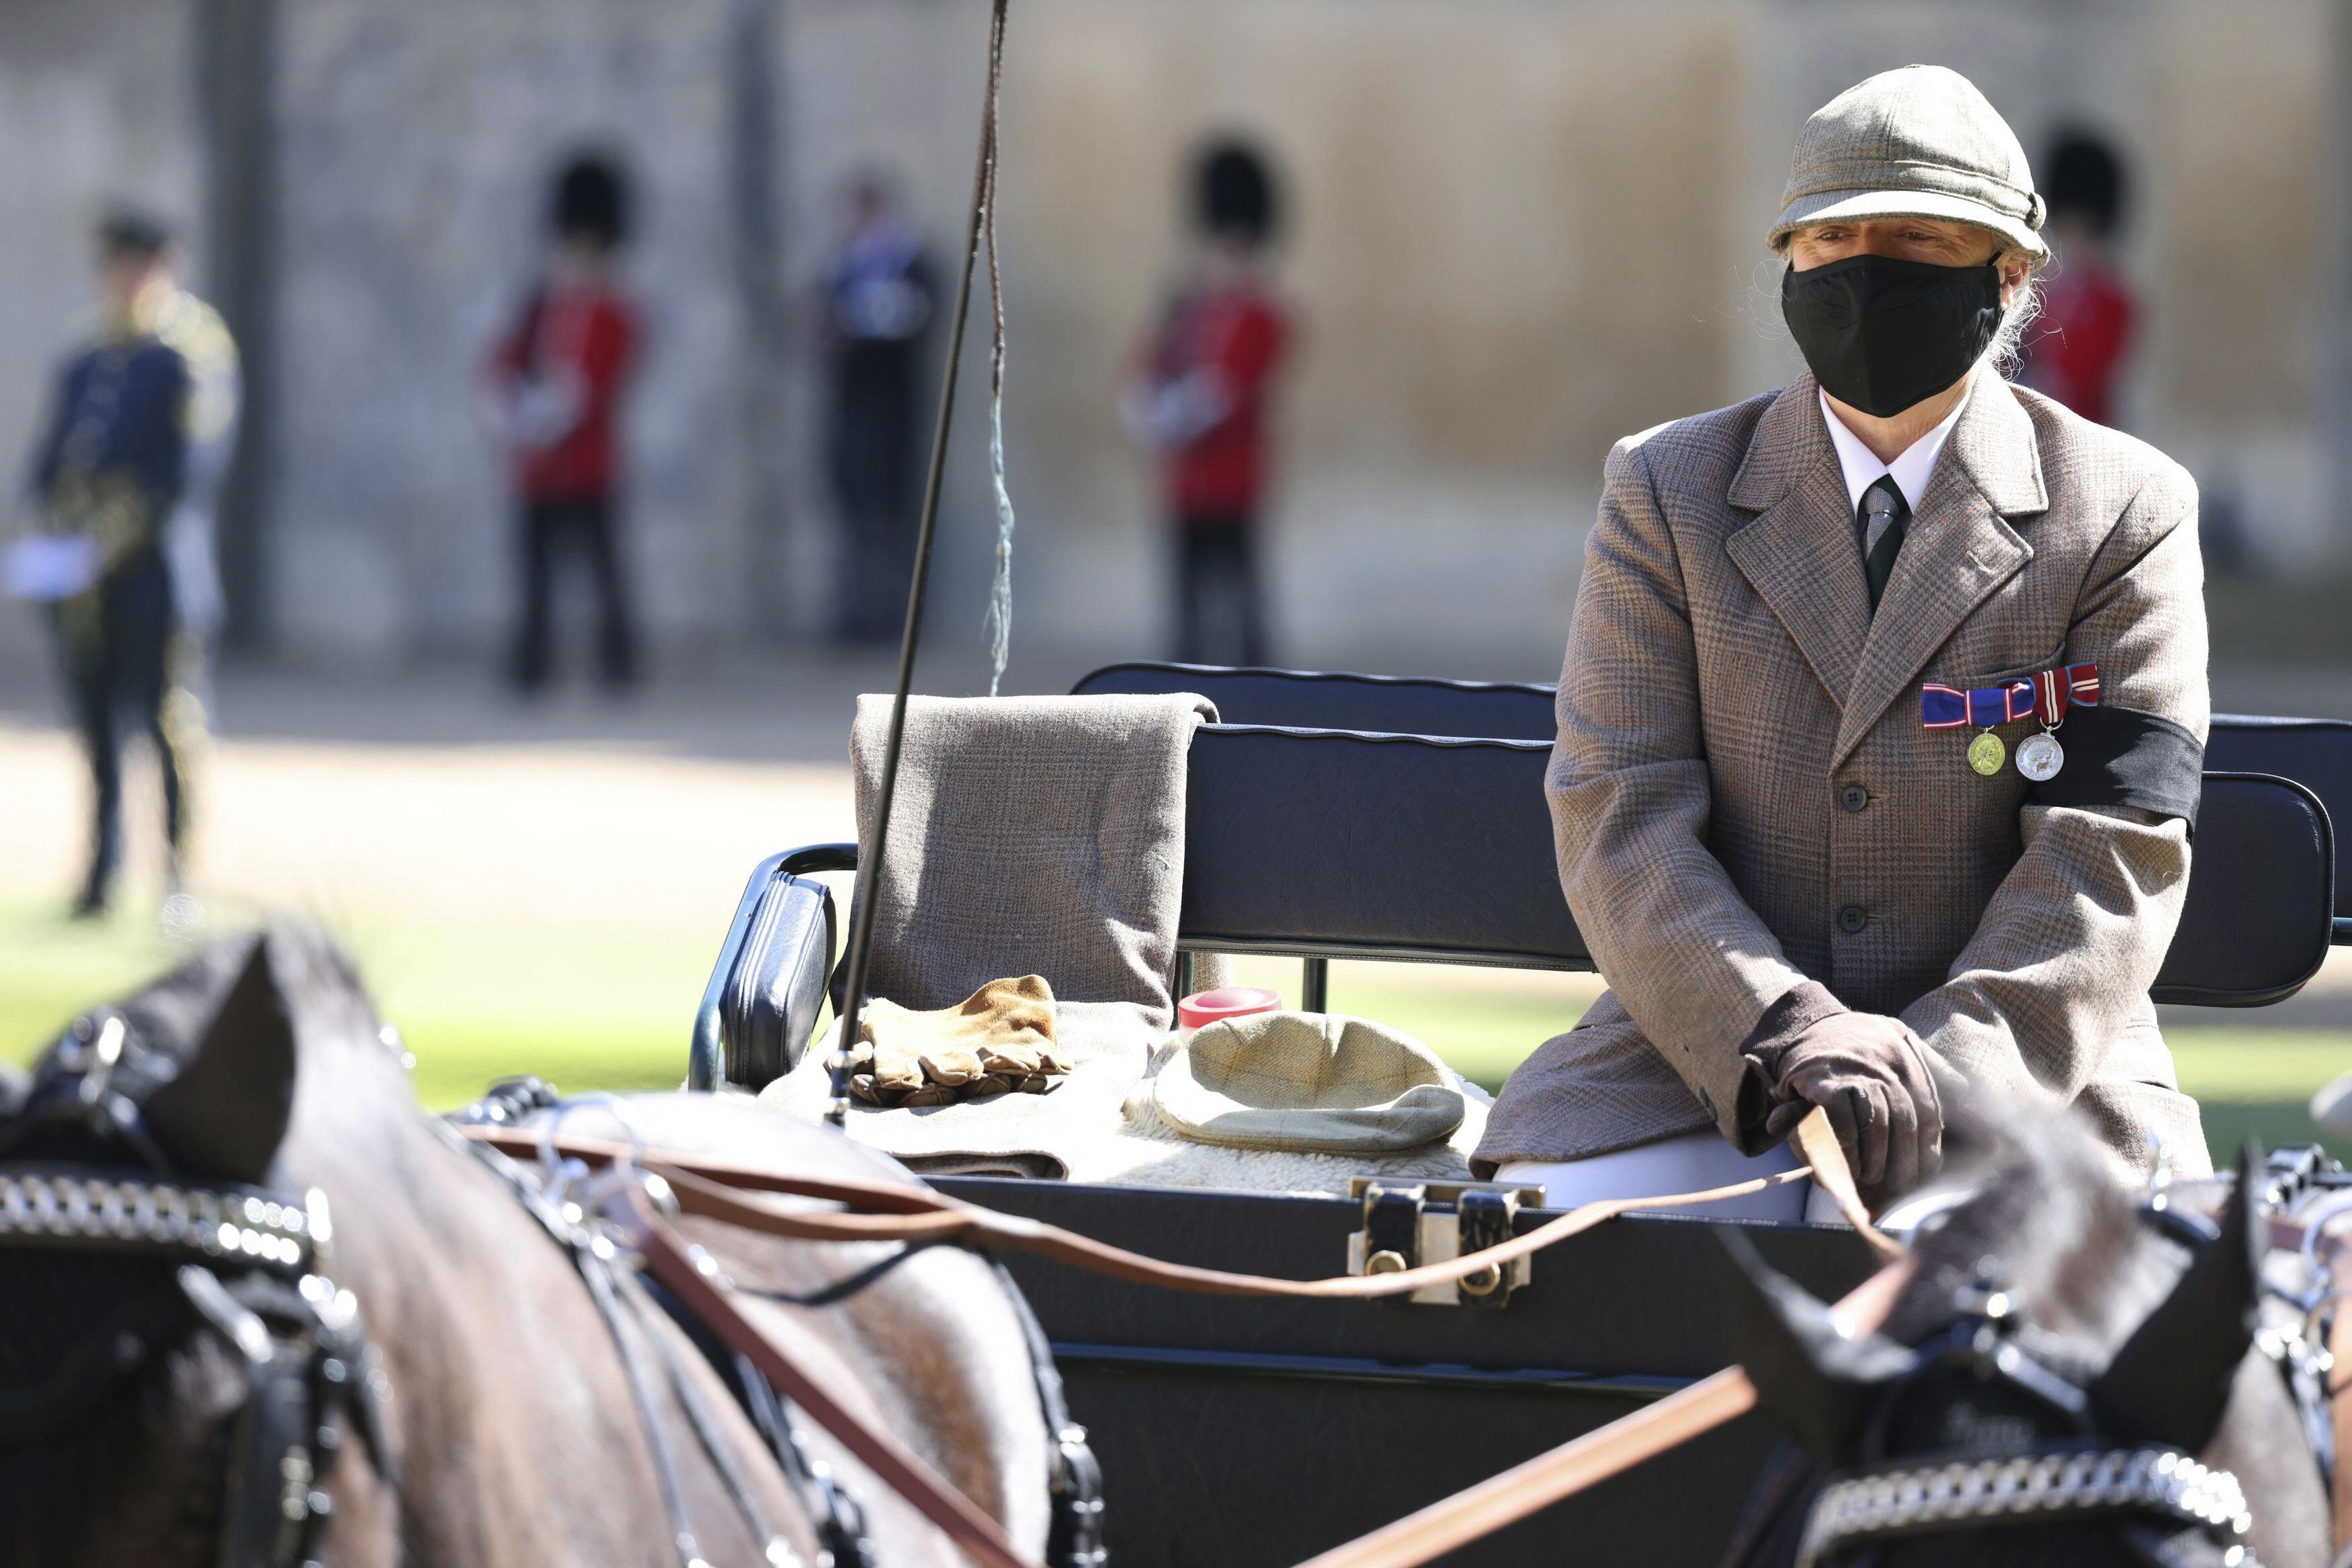 Hasta frente a la capilla de St. George llegó un coche llevado por dos caballos negros que el príncipe acostumbraba manejar por la estancia. En el asiento del pasajero descansaban los guantes, el sombrero y la bufanda que utilizaba el duque de Edimburgo. (AP)